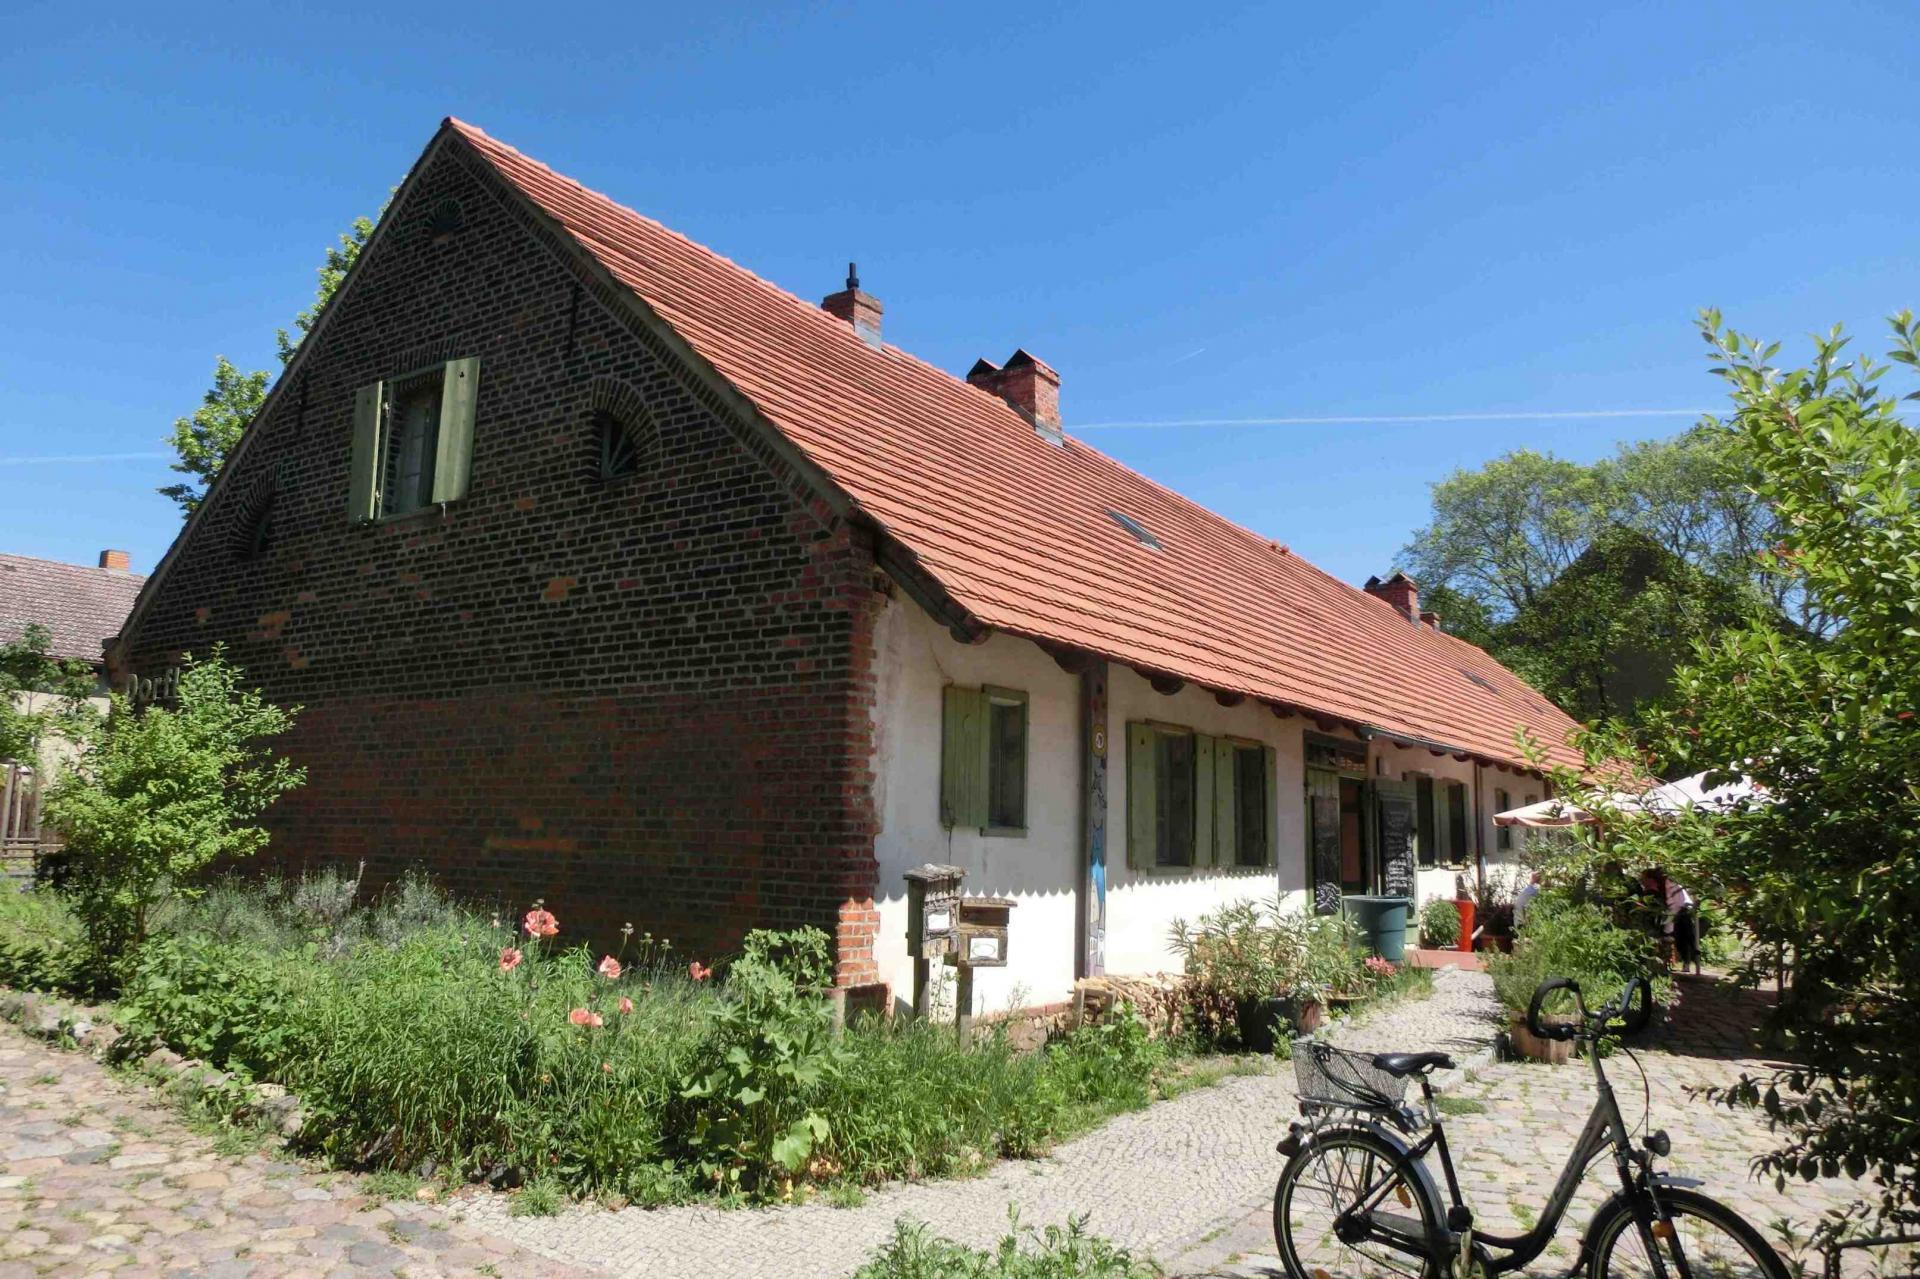 Falkenberg Dorfkate